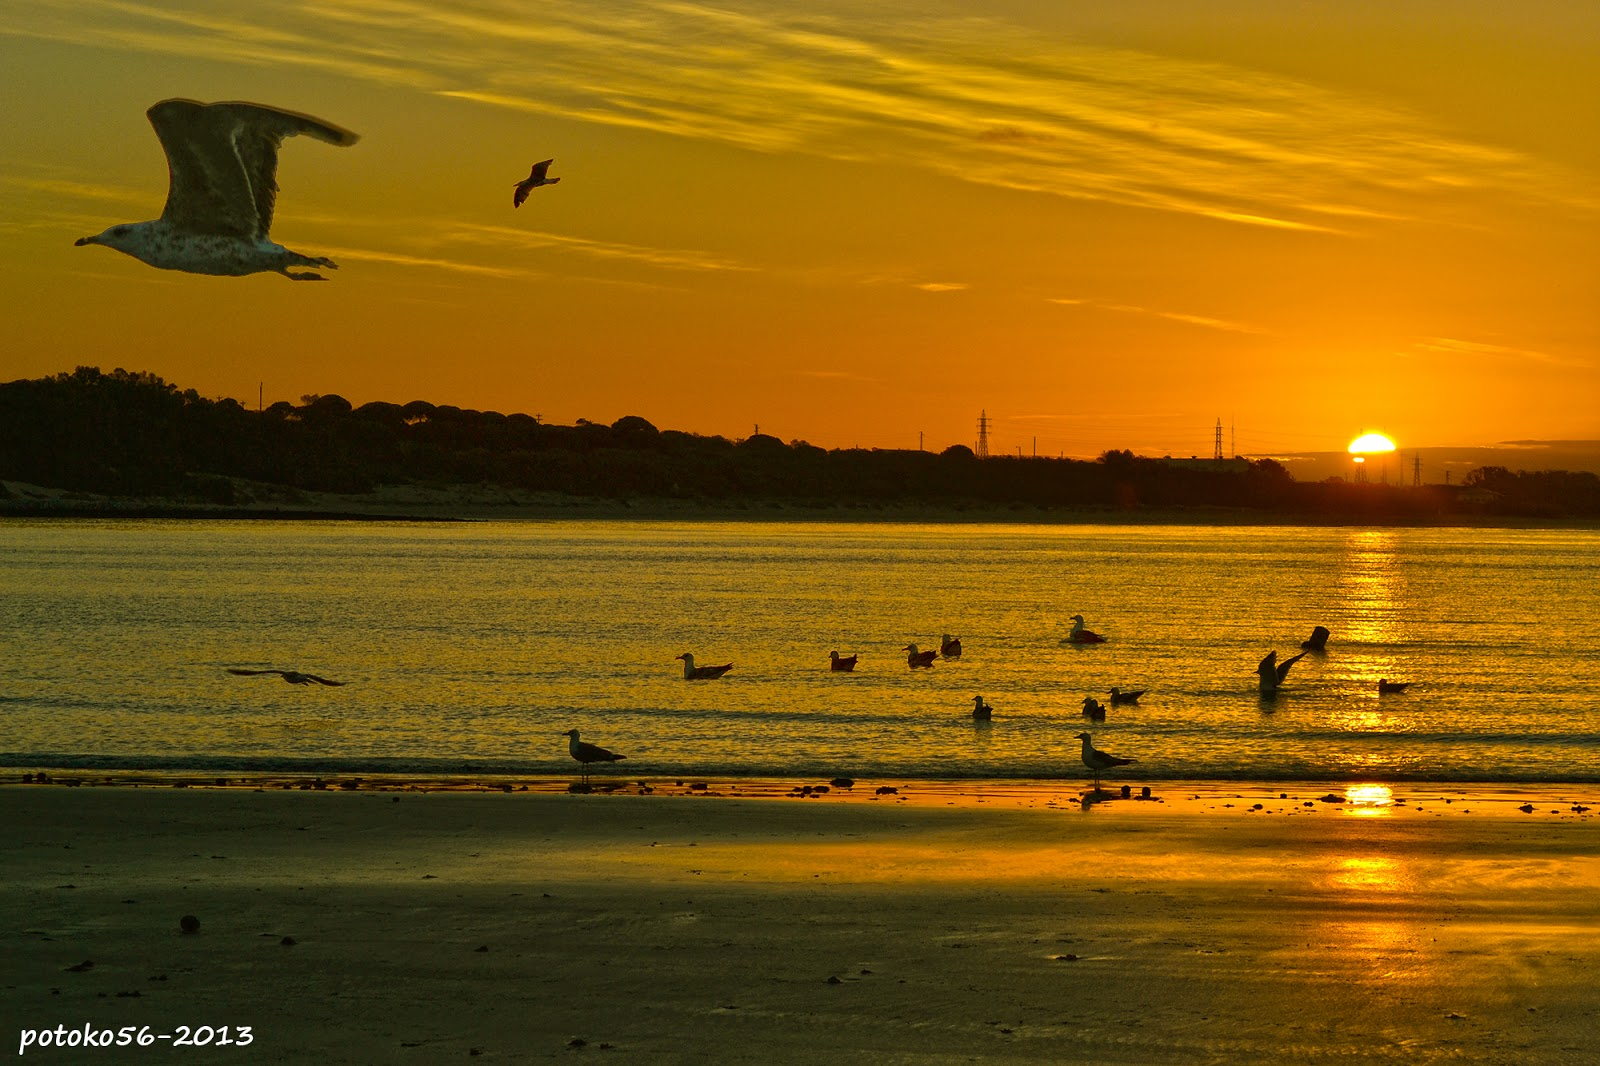 La mañana de hoy en el amanecer con gaviotas